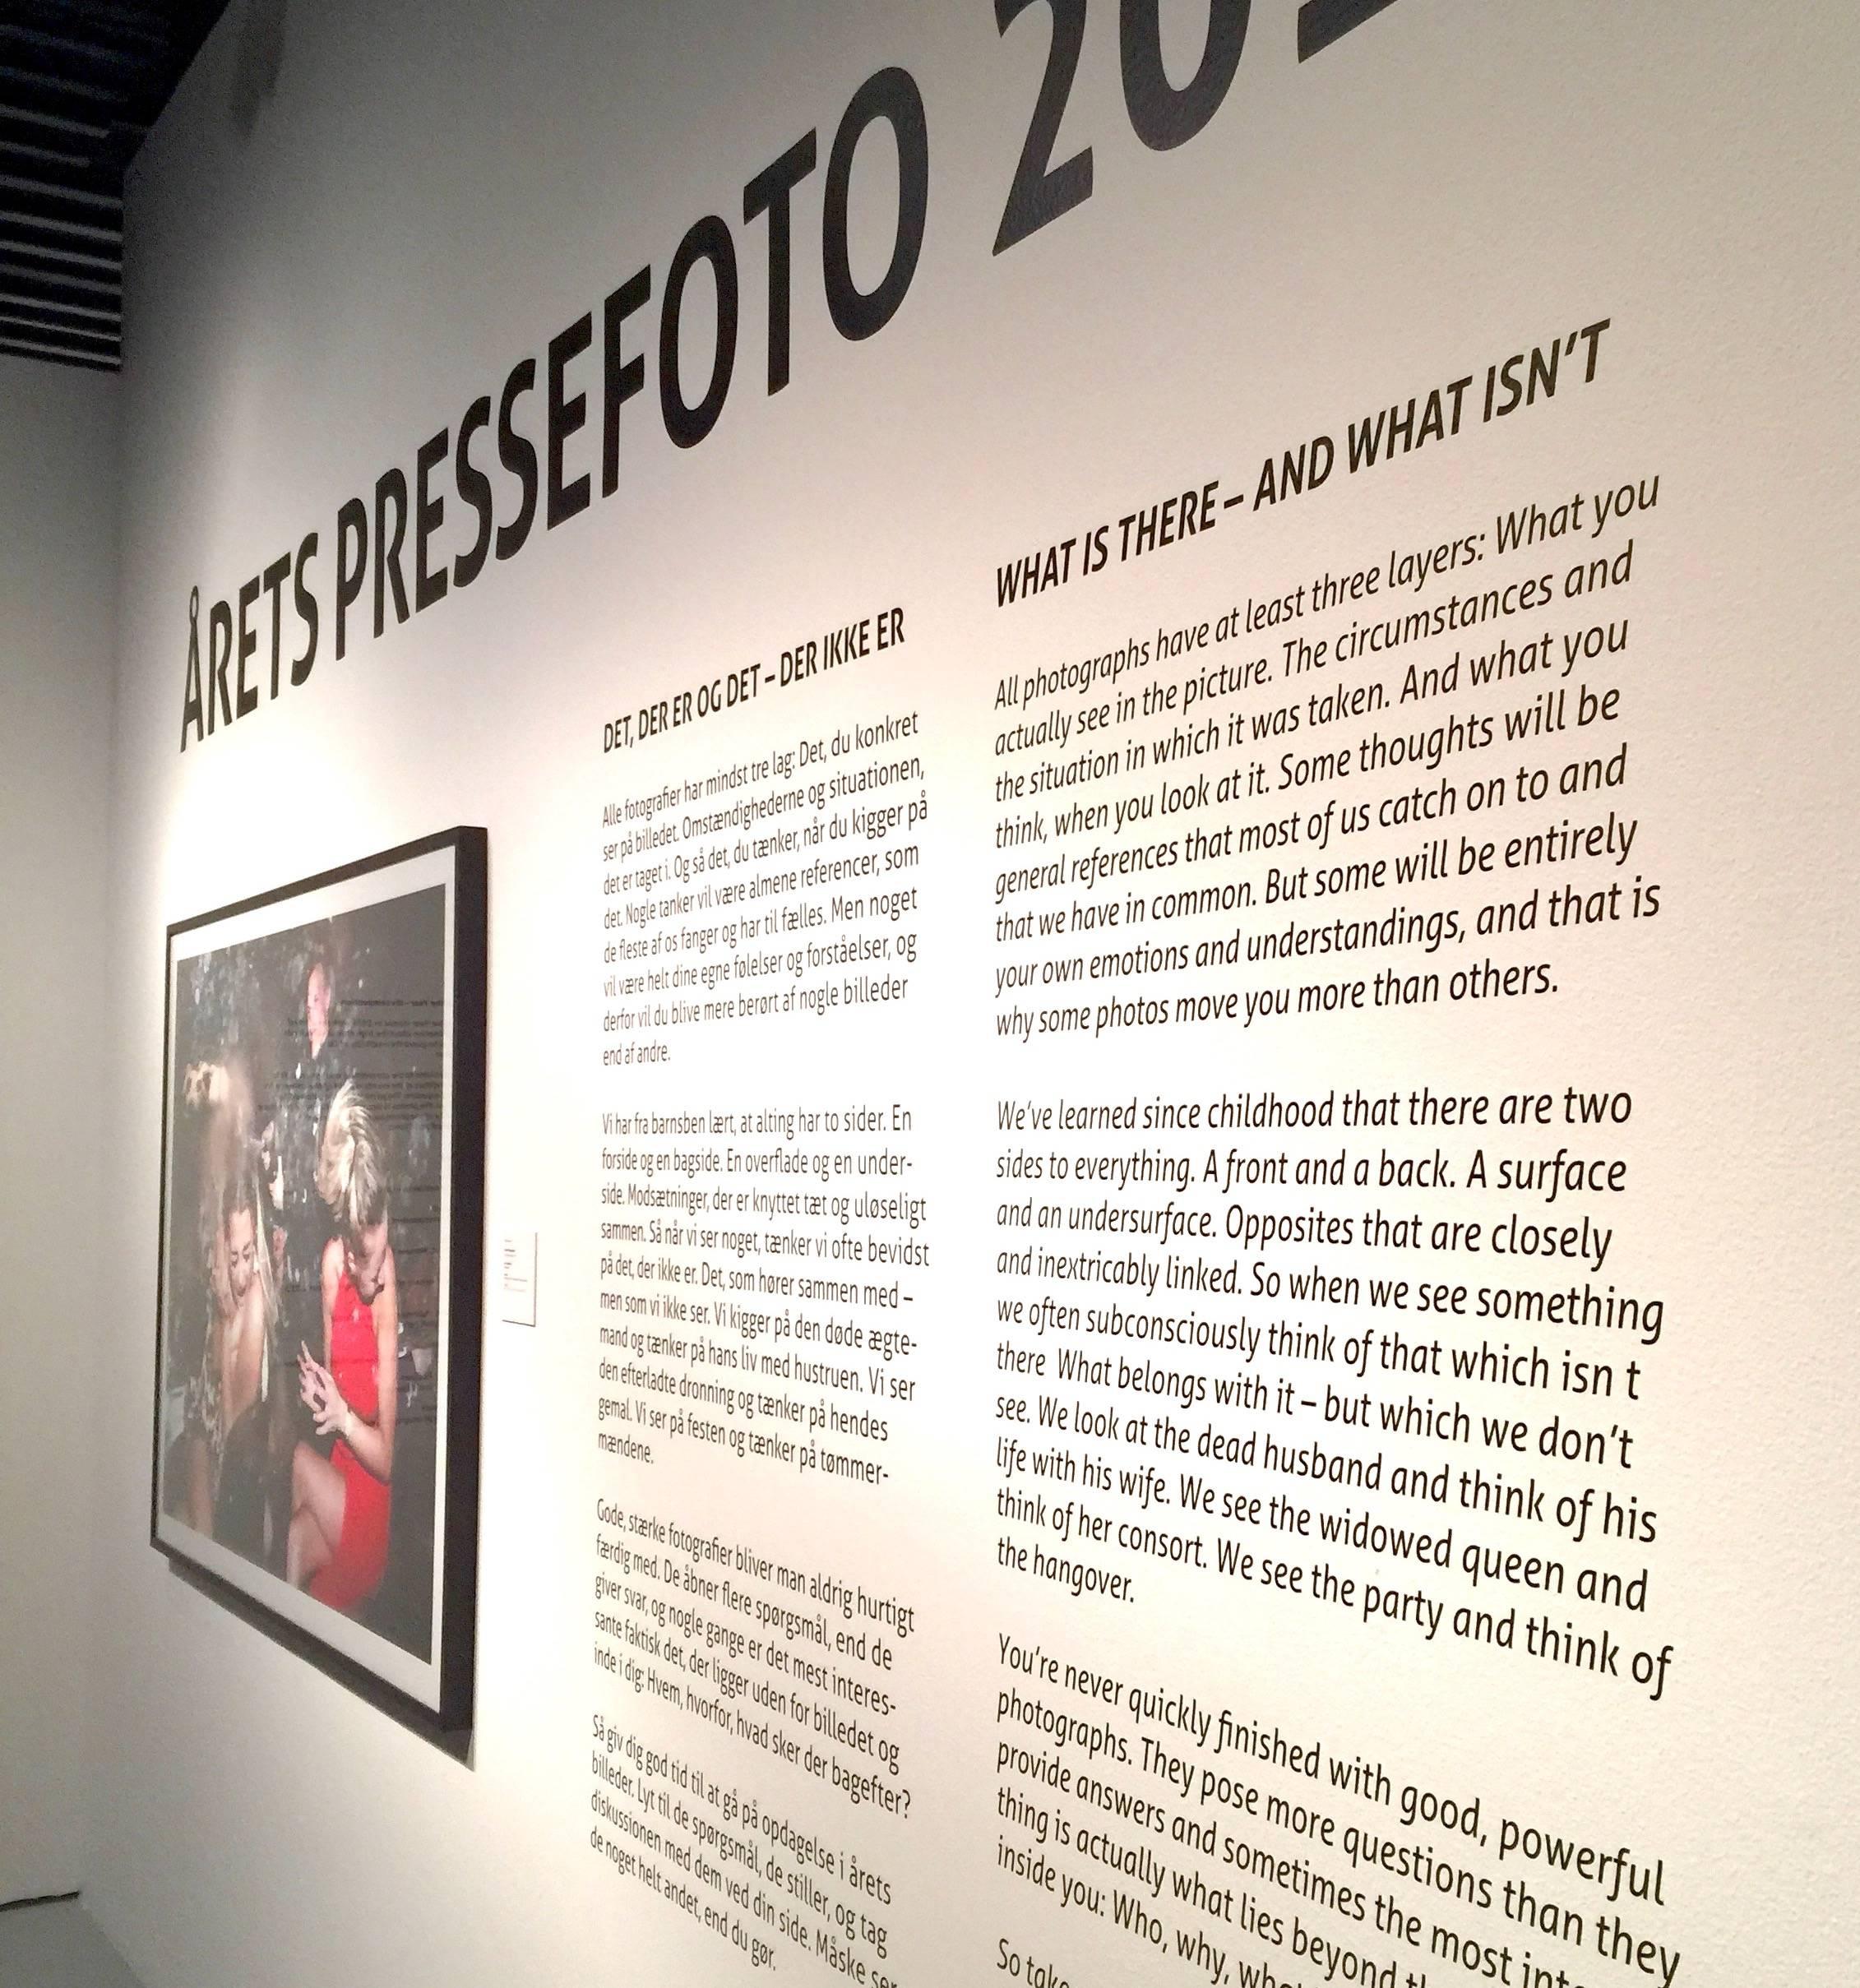 foto in museum kopenhagen